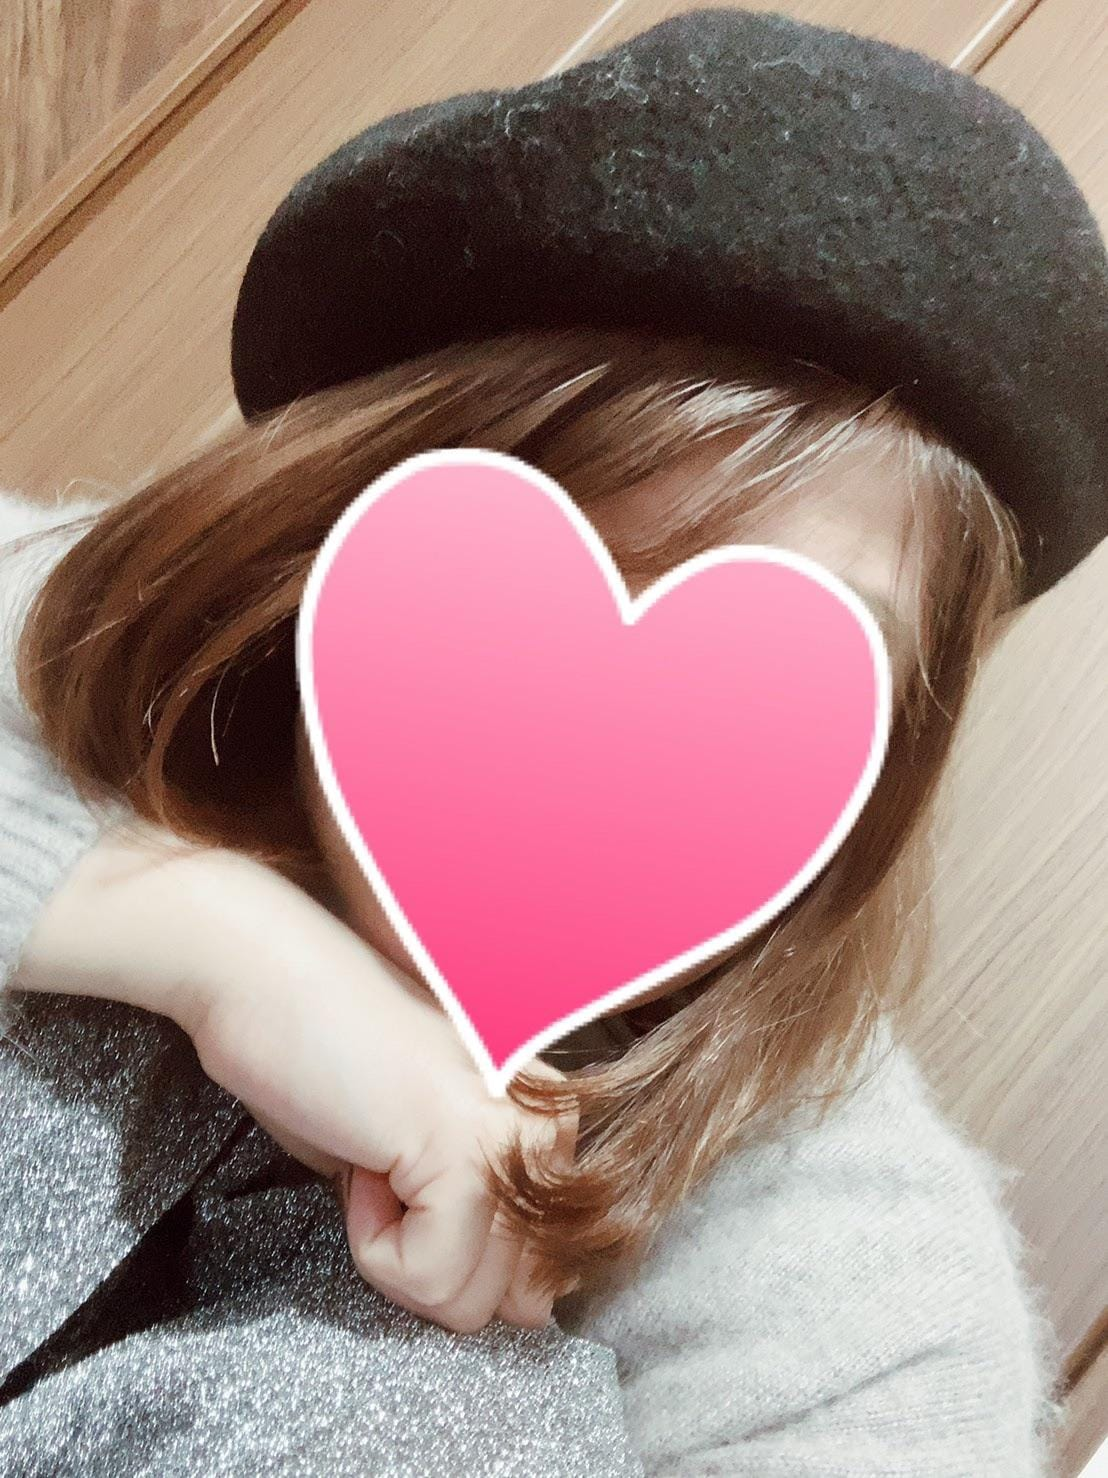 かほ「のーんびり」11/17(土) 02:14 | かほの写メ・風俗動画